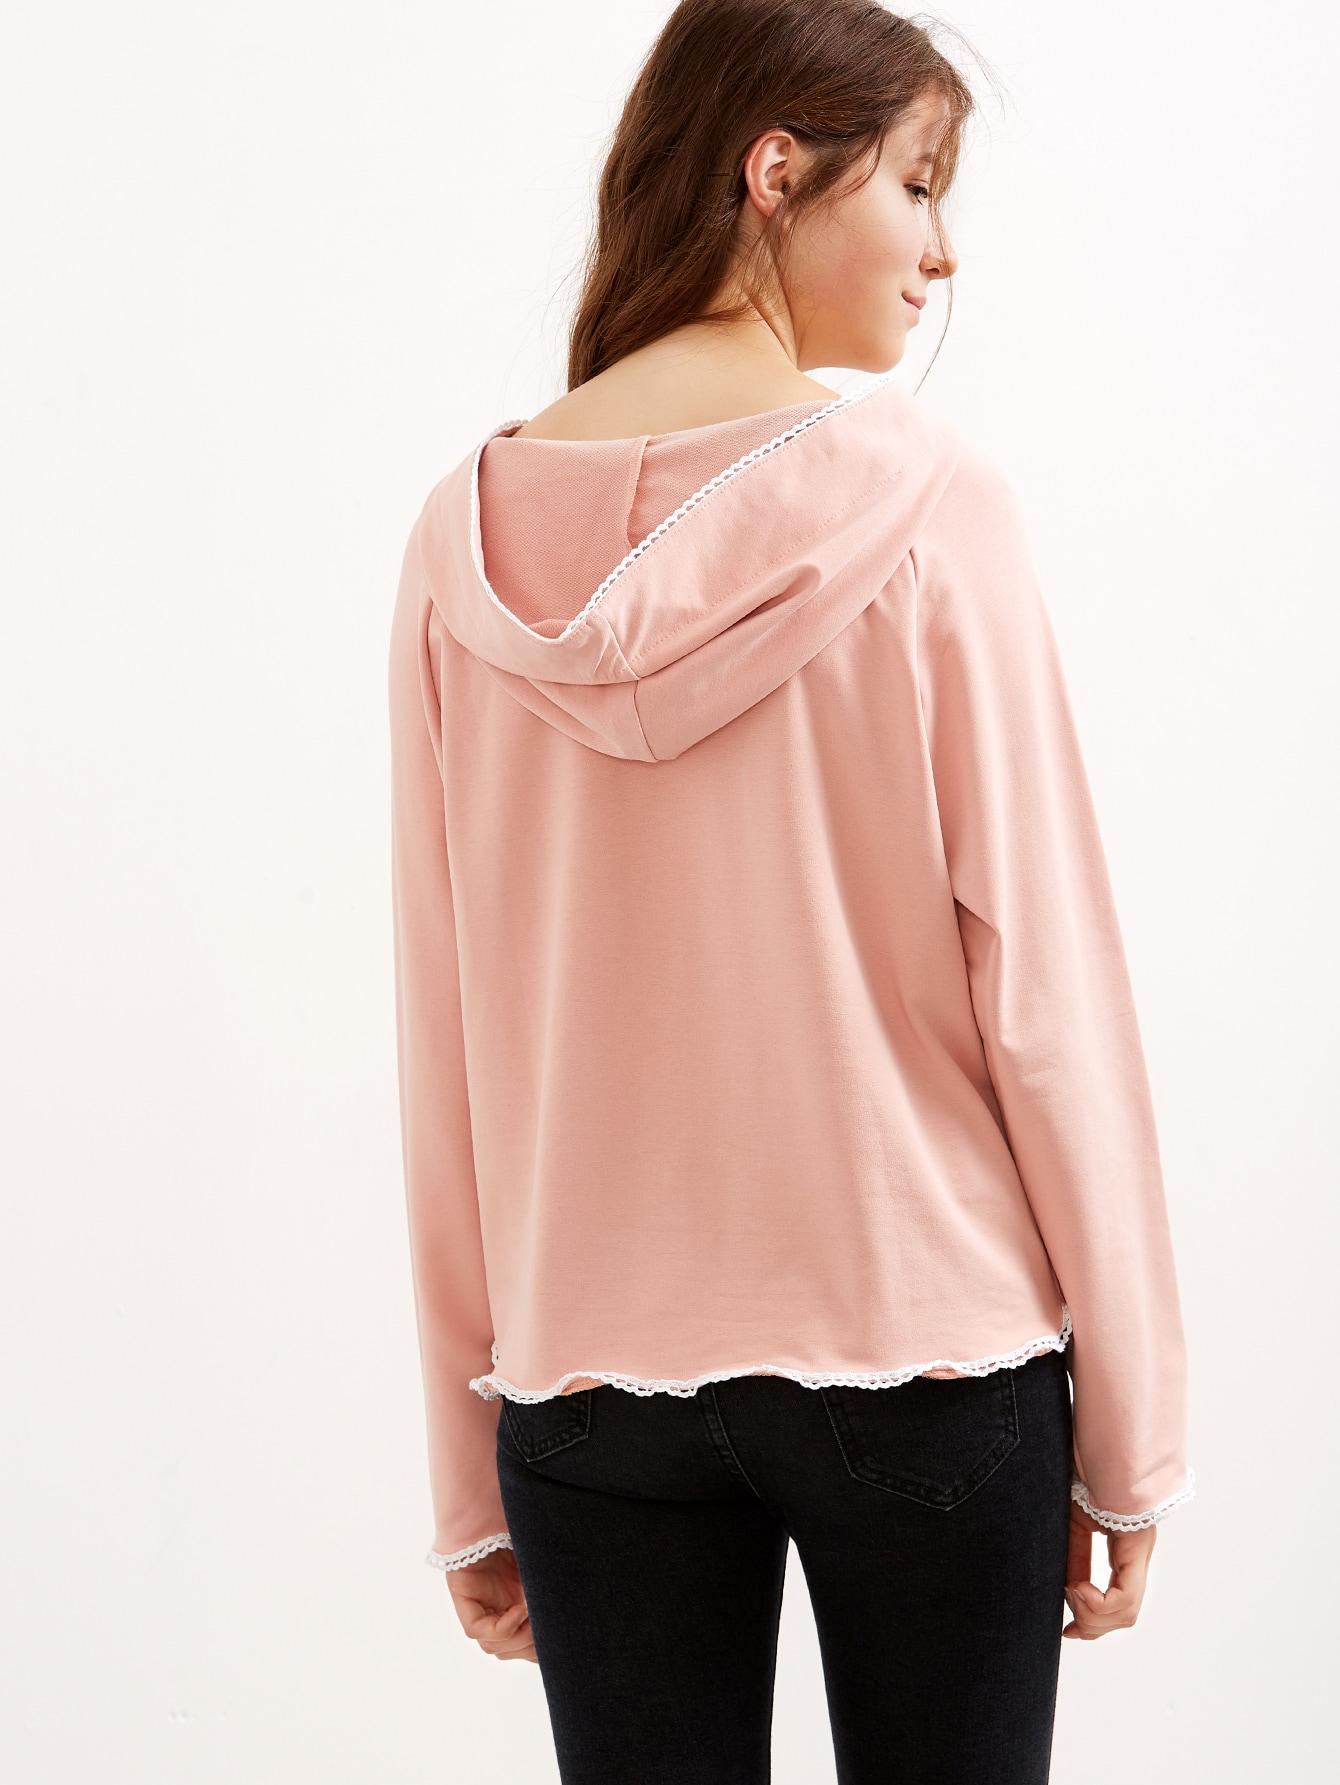 sweatshirt160822101_2